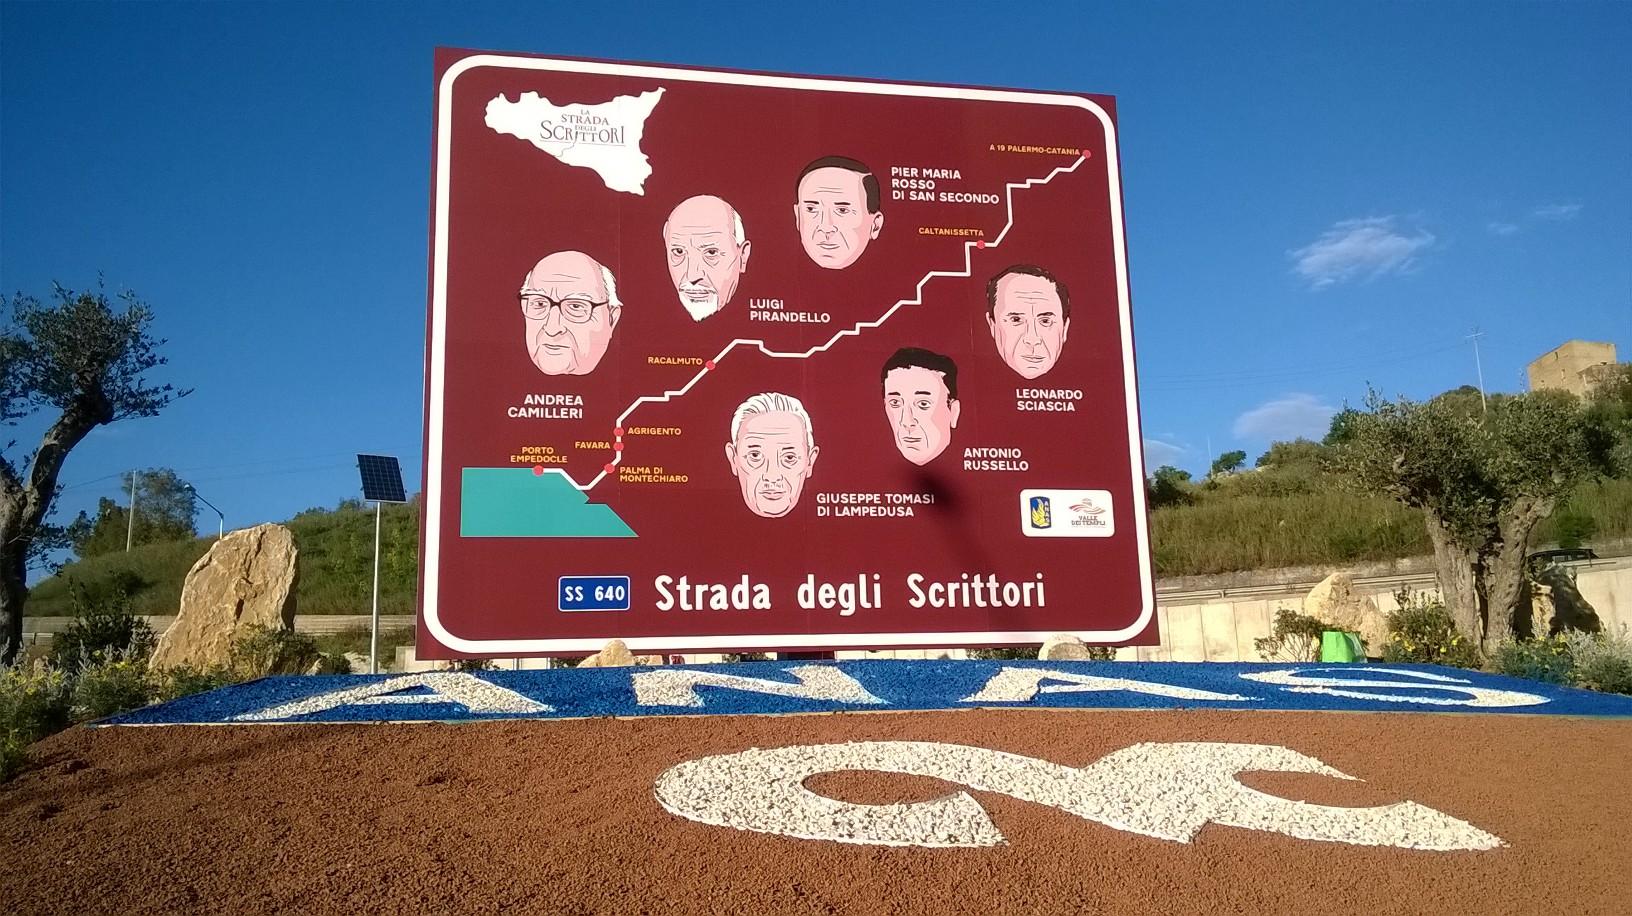 Immagine del cartellone stradale sulla Strada degli Scrittori